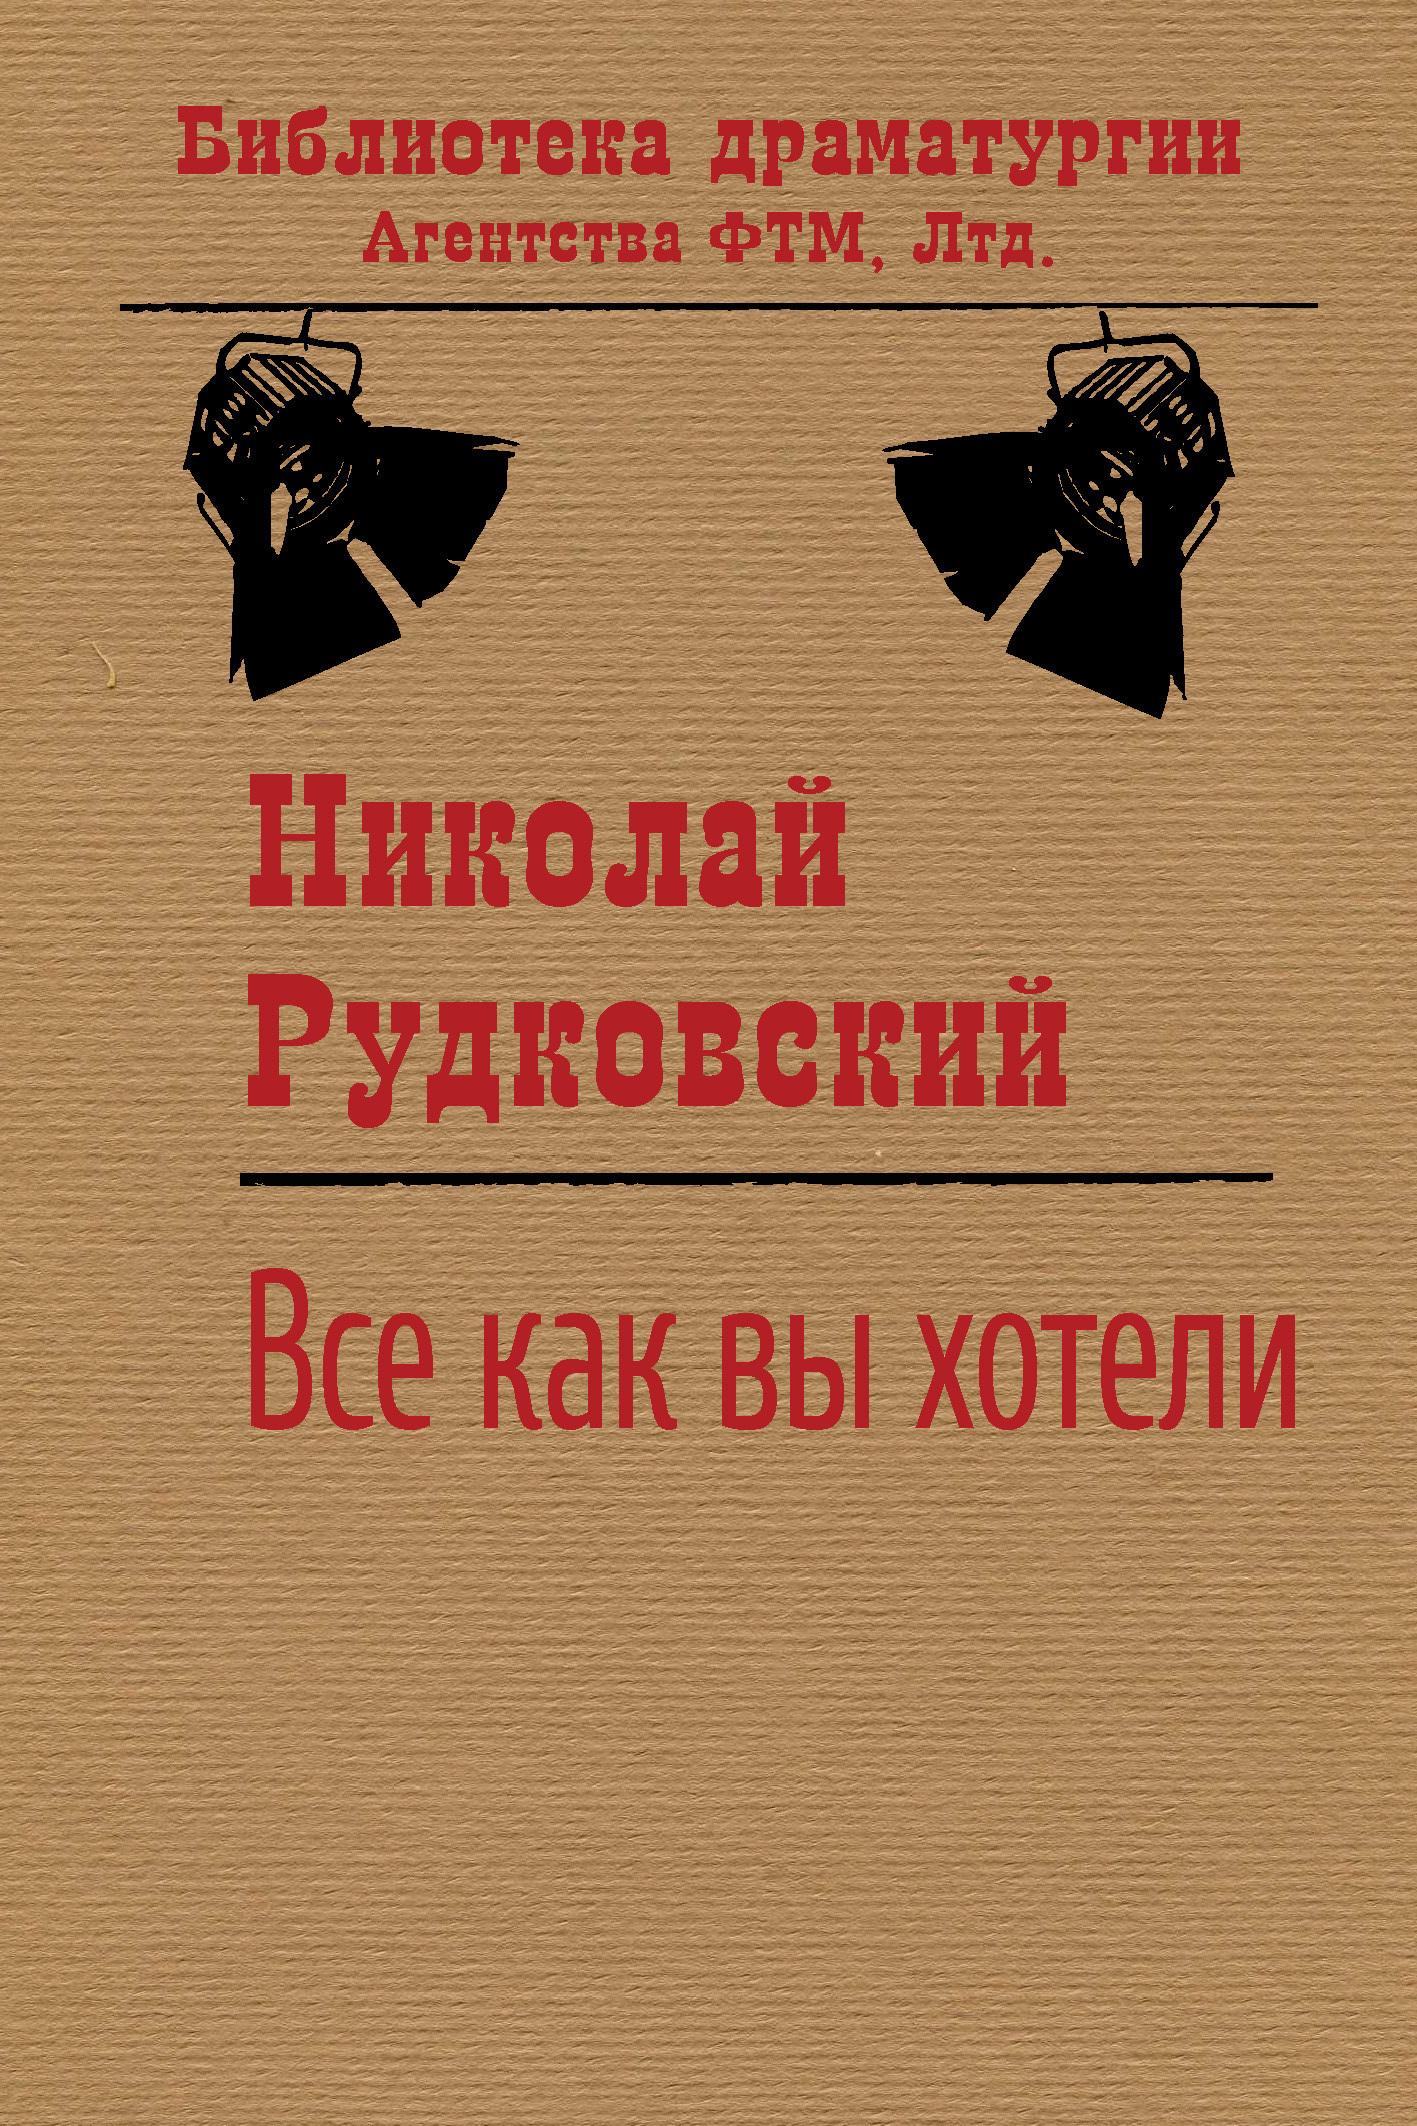 Николай Рудковский - Все, как вы хотели